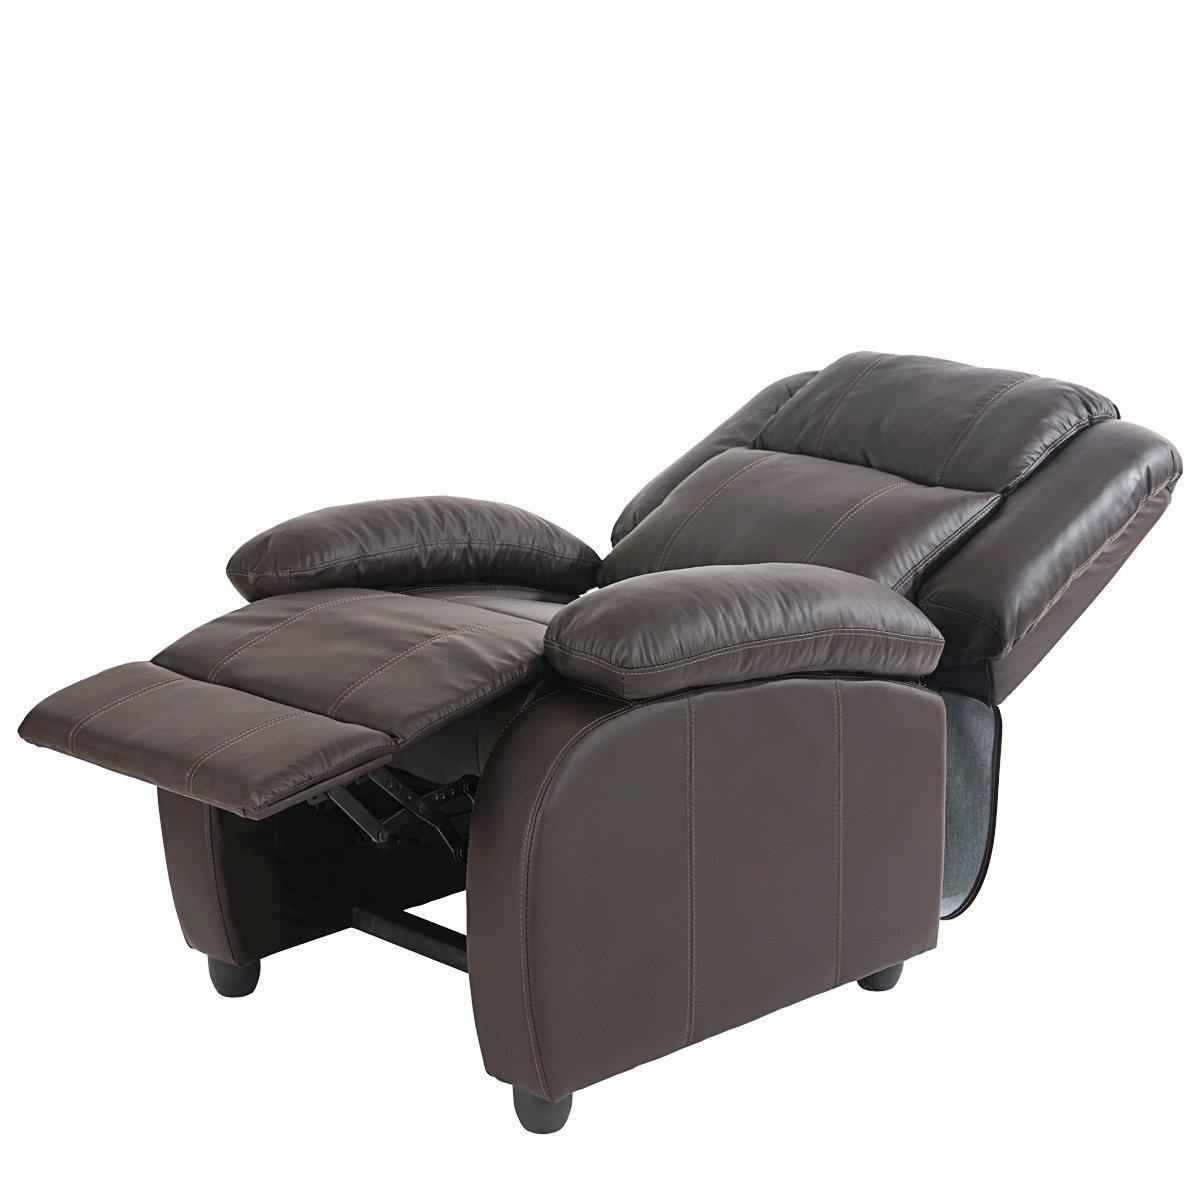 Precio Sillon Relax Finest Silln De Relax Masaje Funcin Calor  ~ Sillon Relax Galeria Del Coleccionista